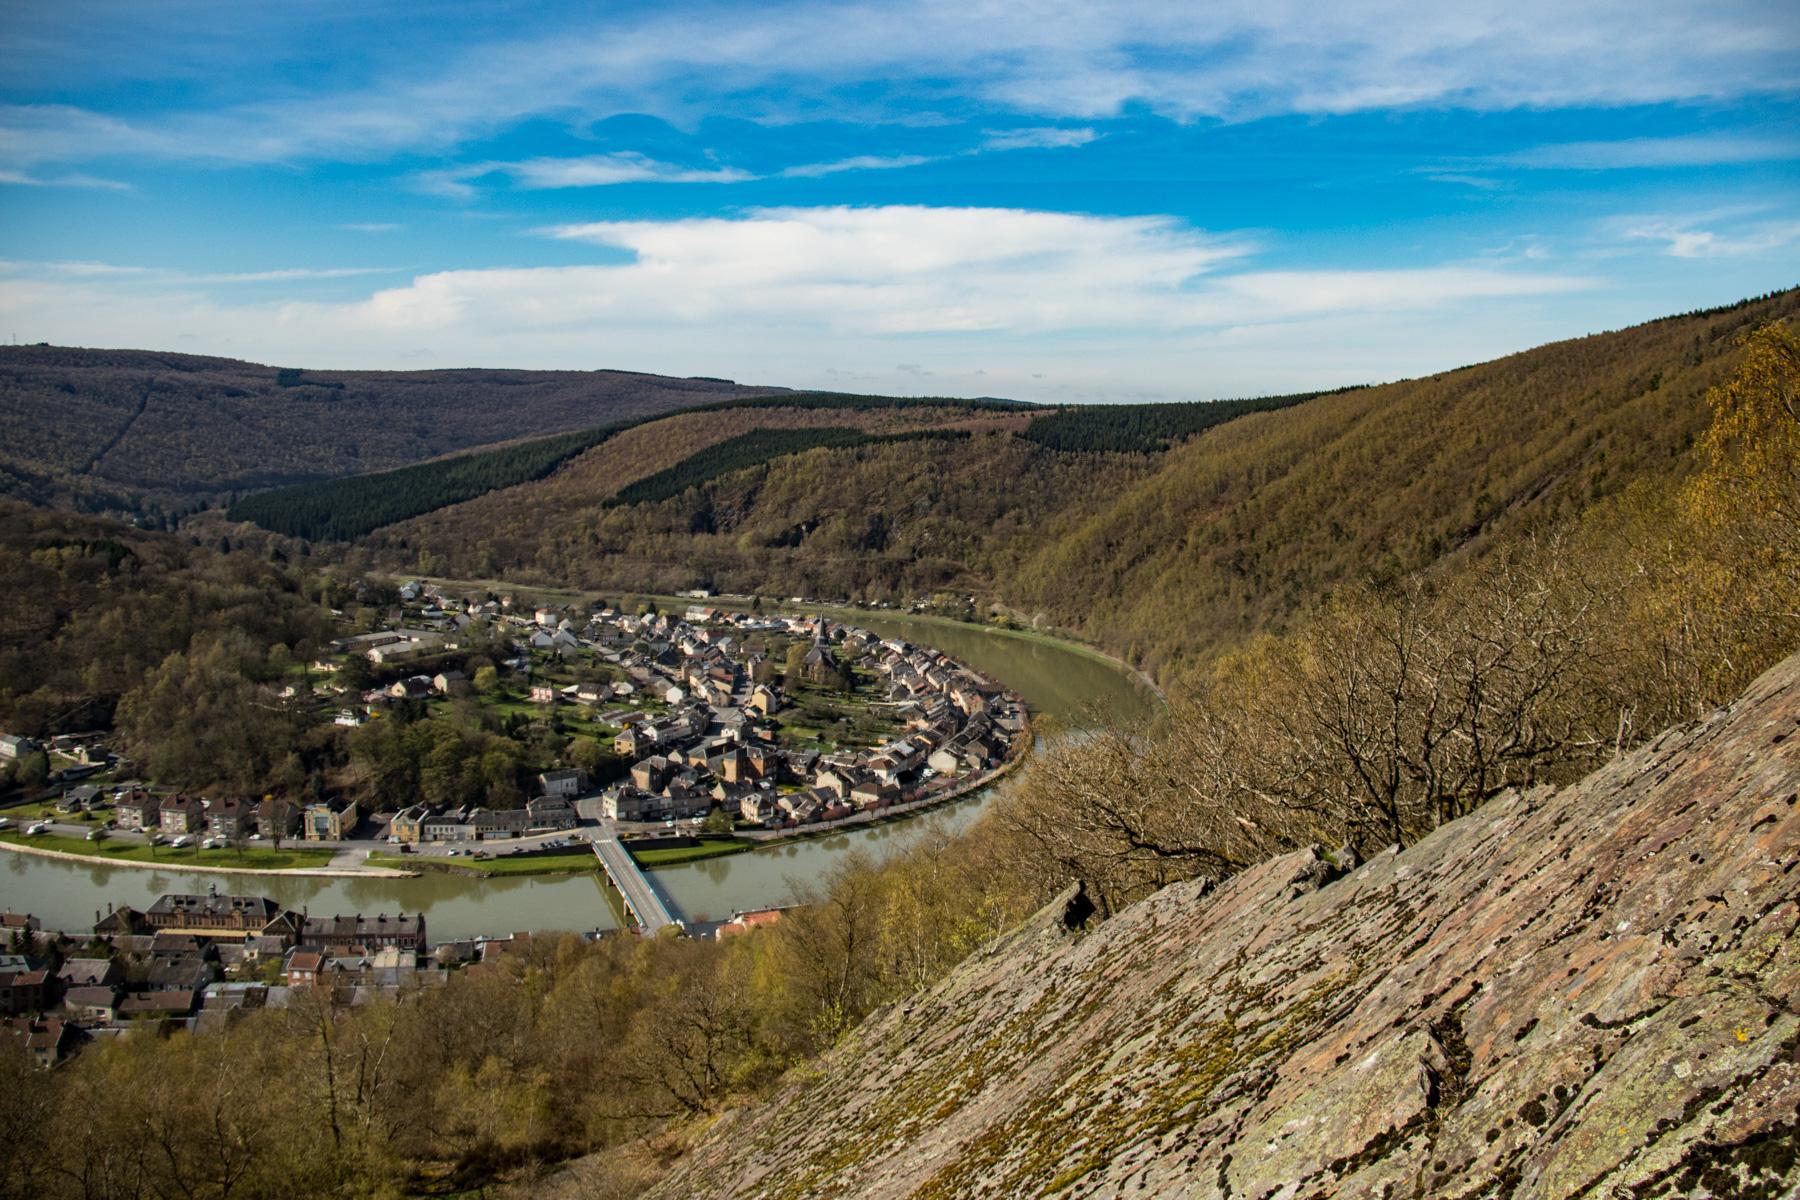 Boucle de la Meuse bij Monthermé.